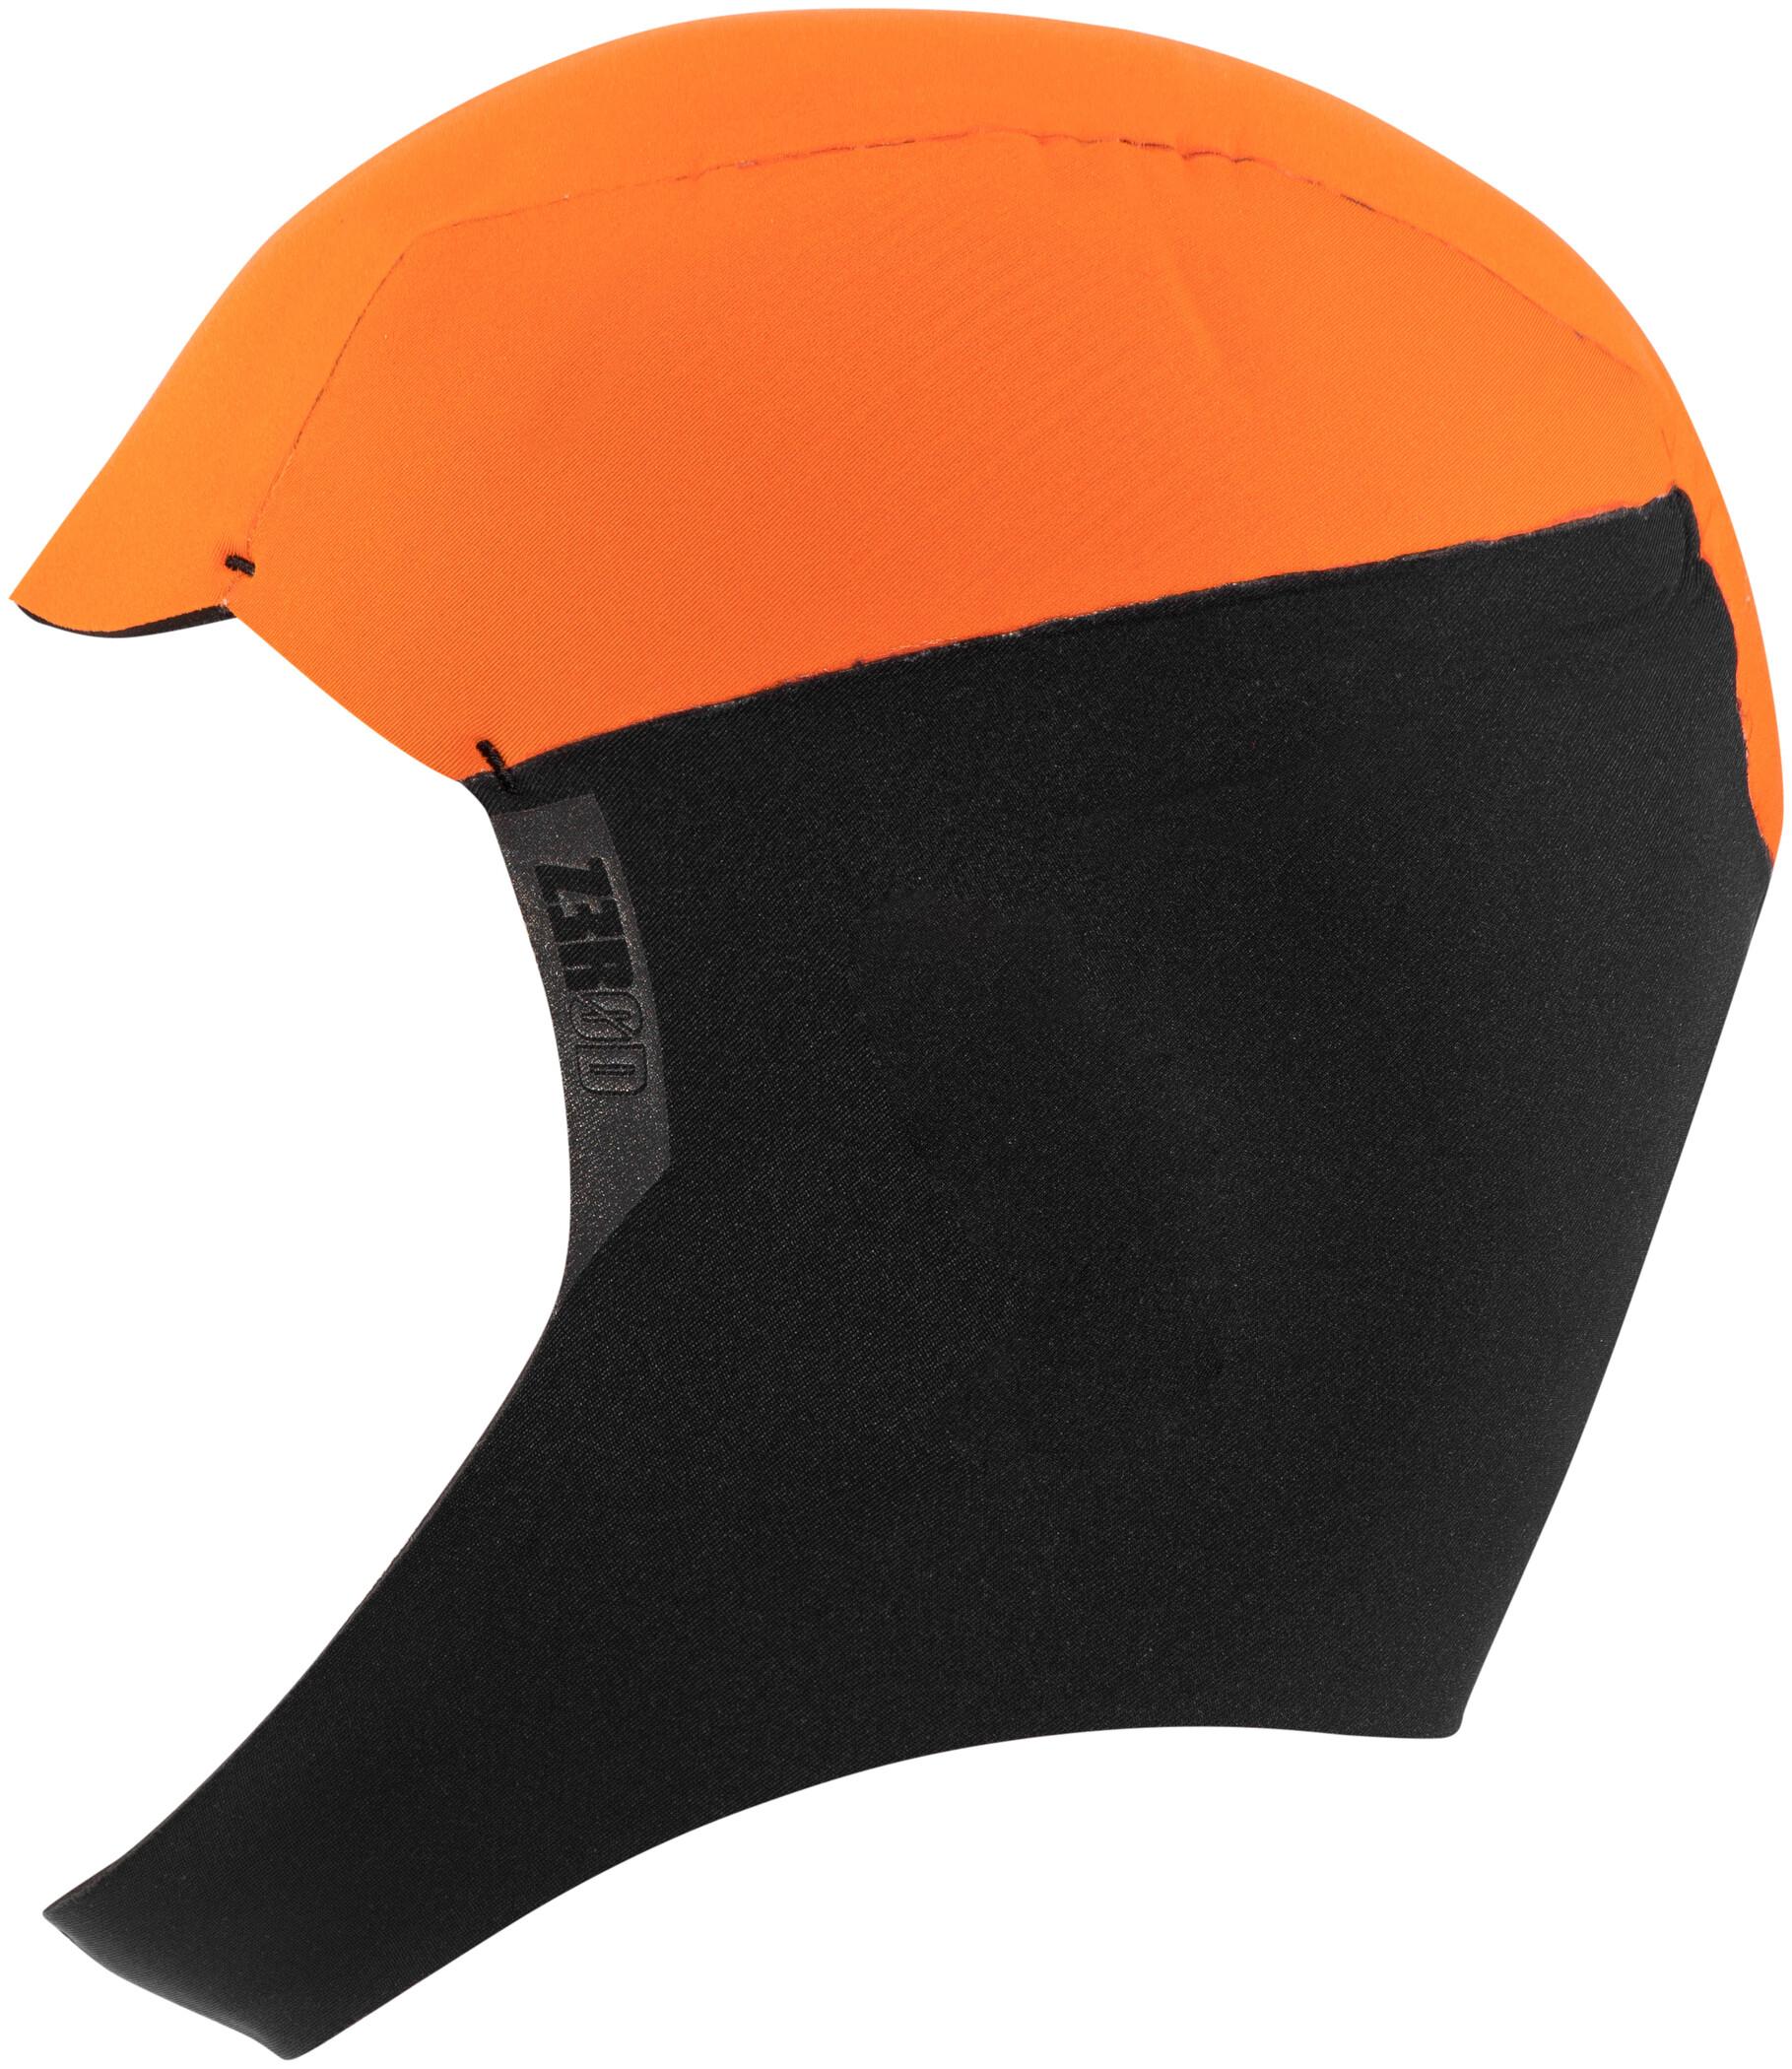 Z3R0D Neo Badehætte, orange | Svømmetøj og udstyr